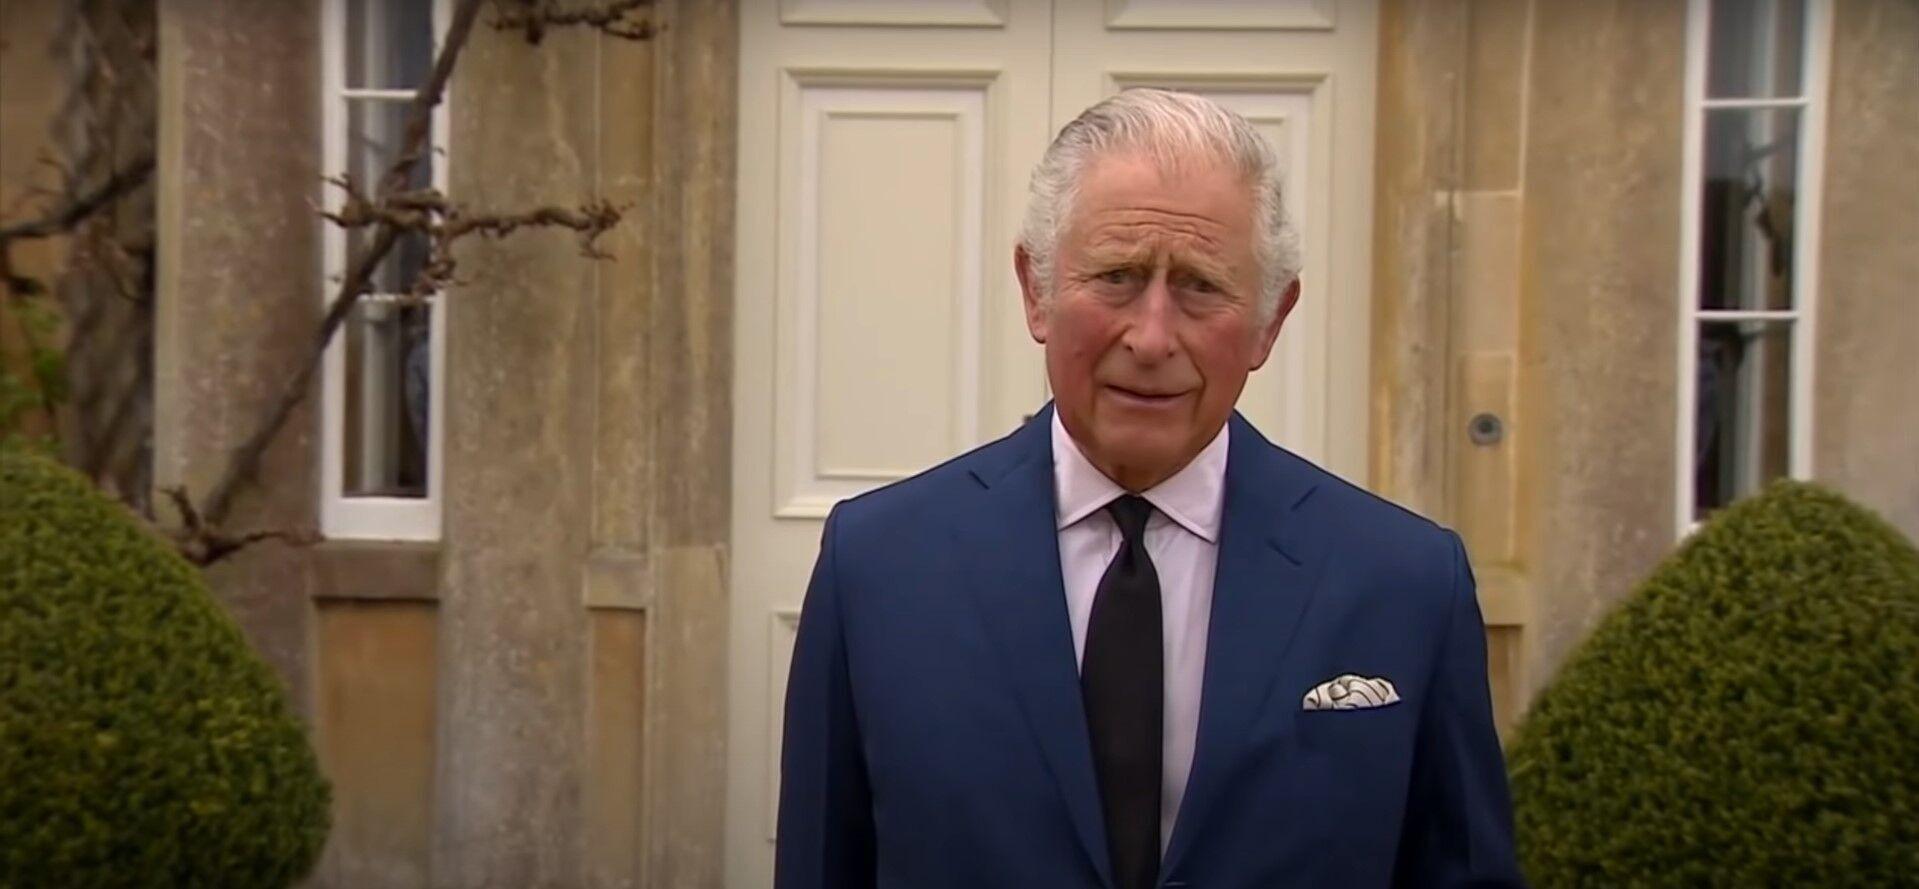 Принц Чарльз выступил с речью после сметри отца.